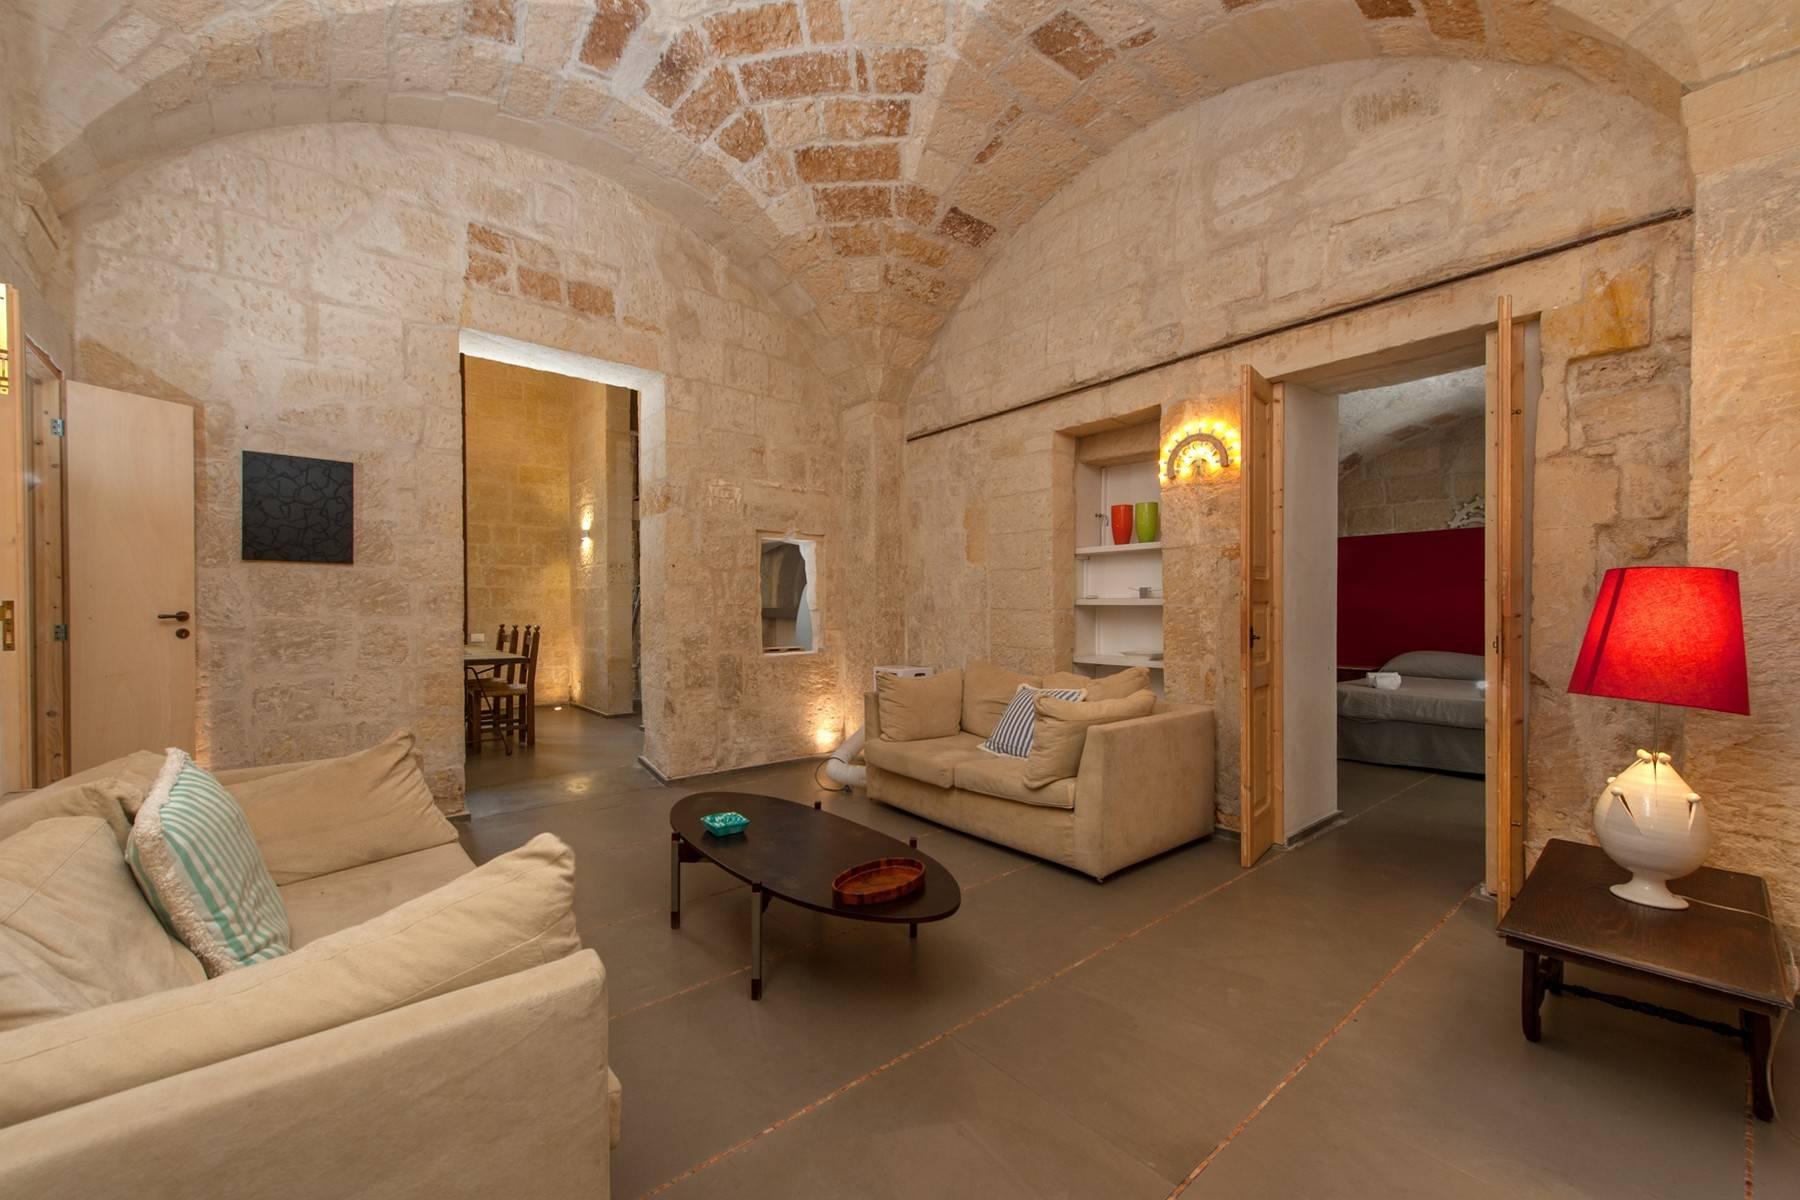 Casa indipendente in Vendita a Lecce: 5 locali, 180 mq - Foto 2